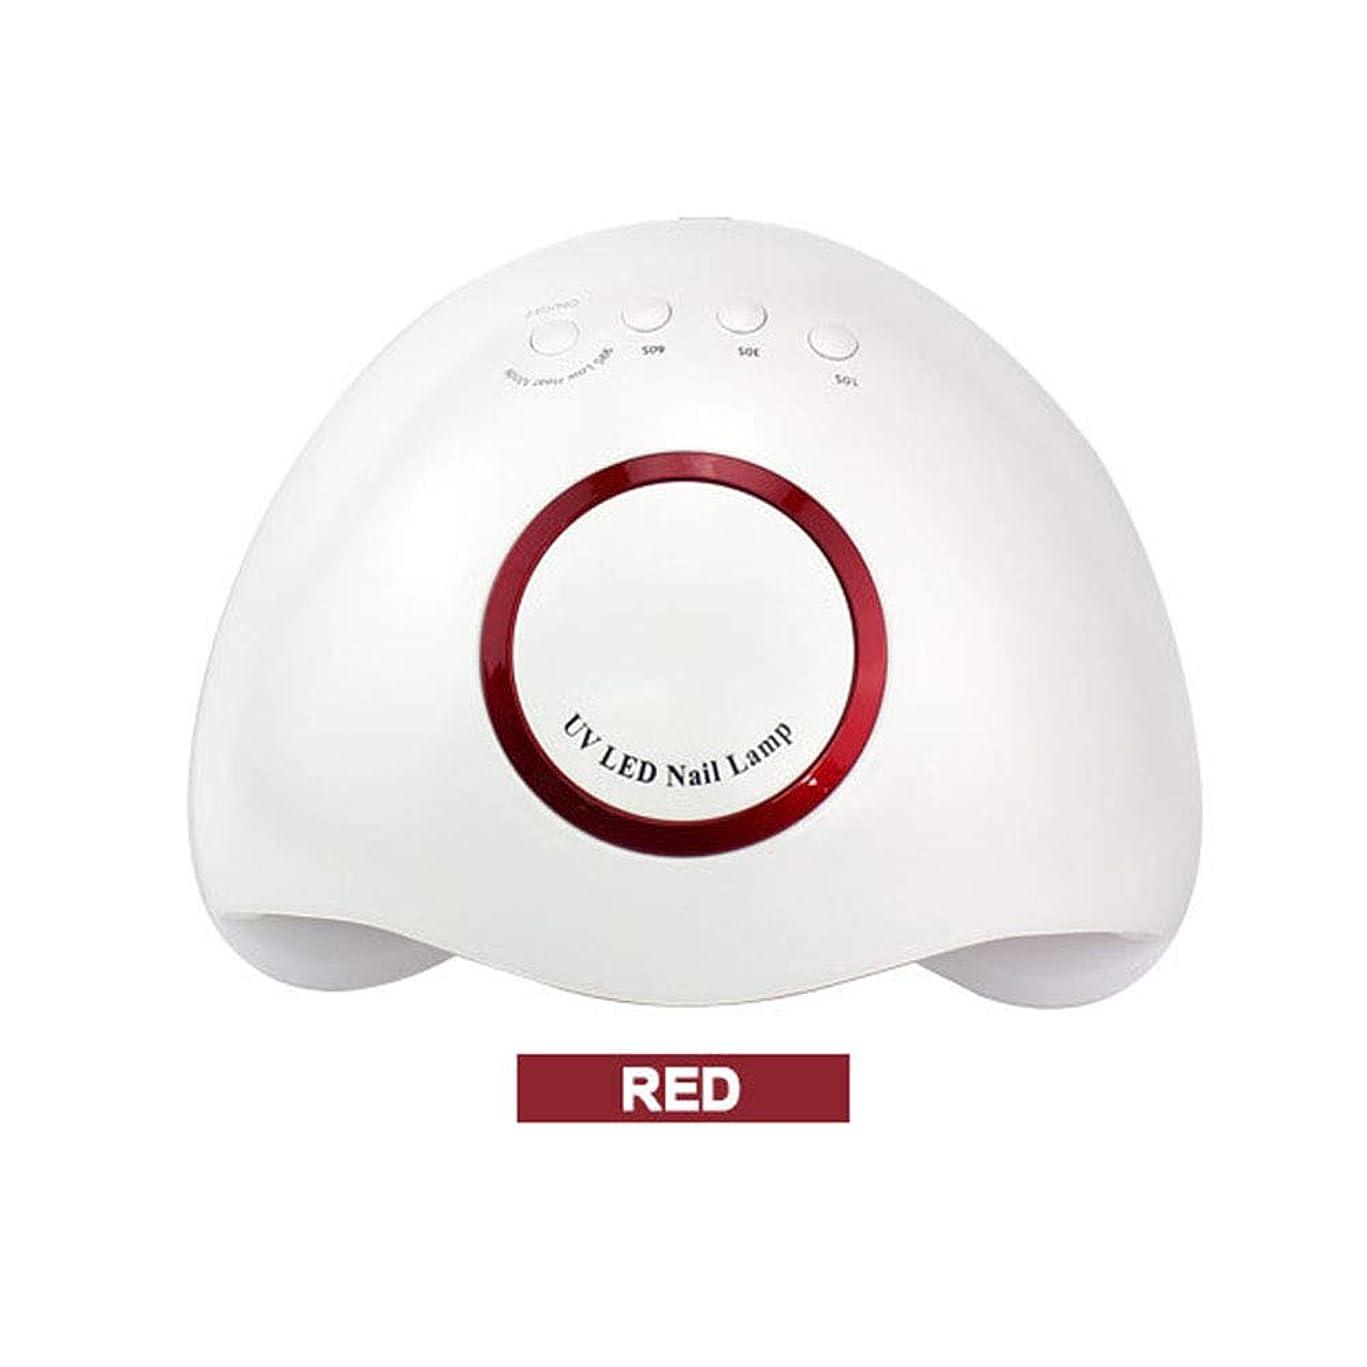 カプラー施設従事する48W24ランプビーズ第3ギアタイミング無痛モードジェルネイルライトポリッシュ硬化乾燥機,Red